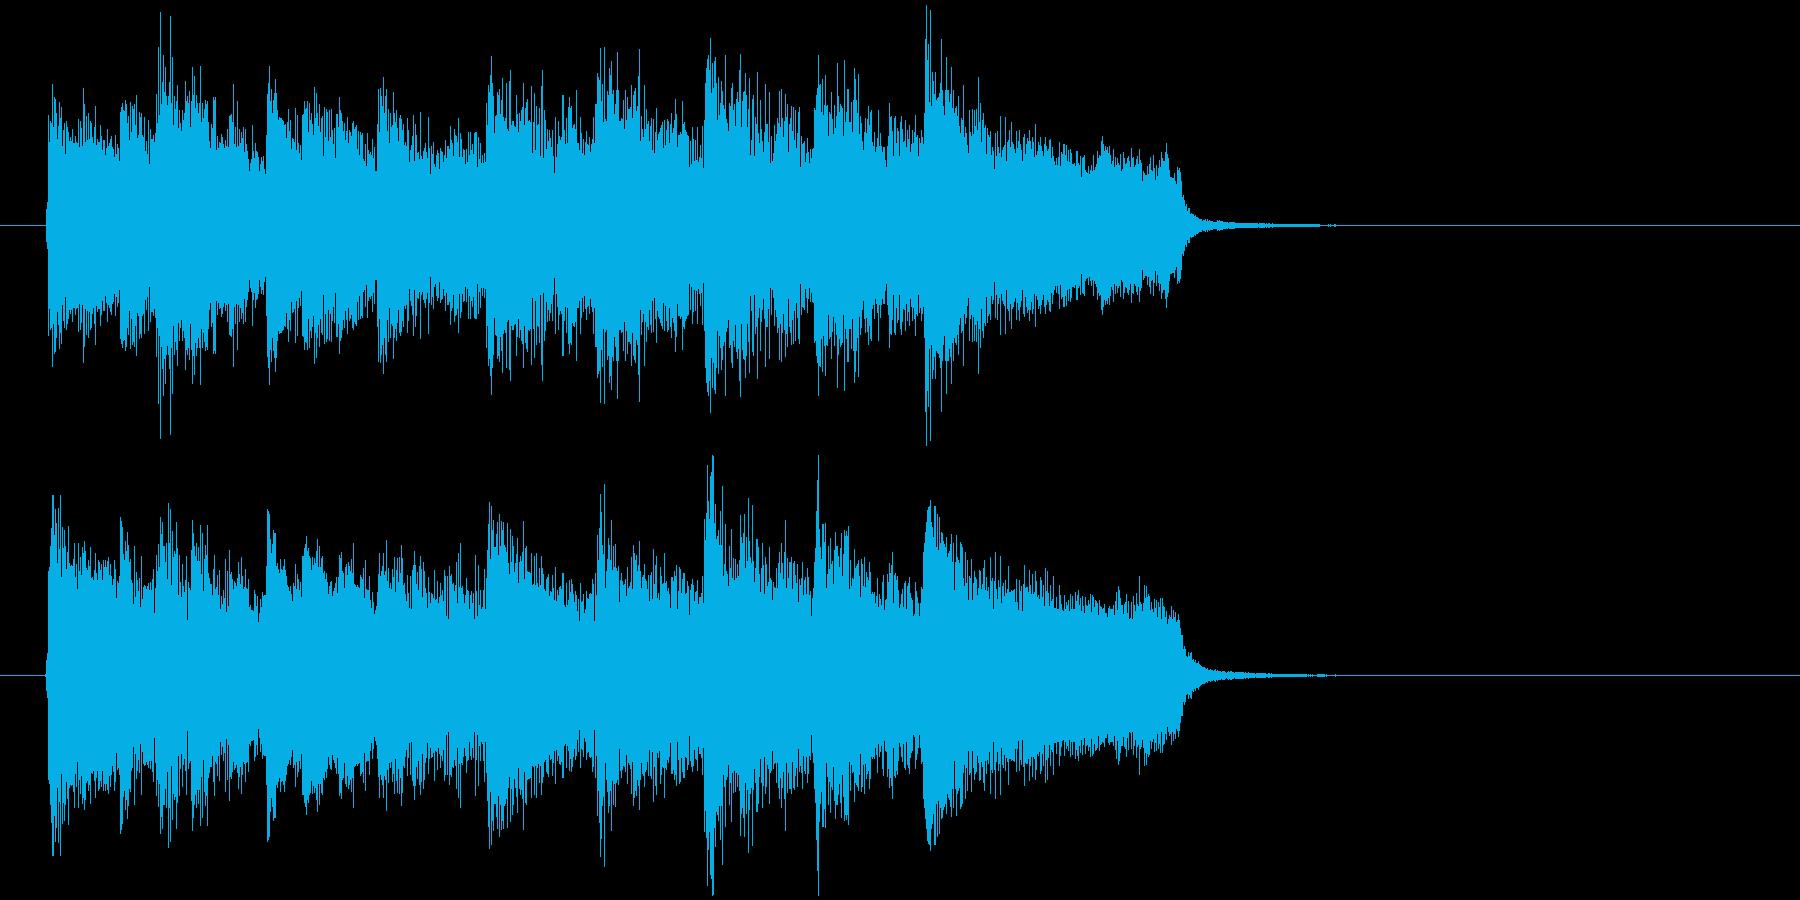 神秘的な森の中のようなBGM_ループ用4の再生済みの波形